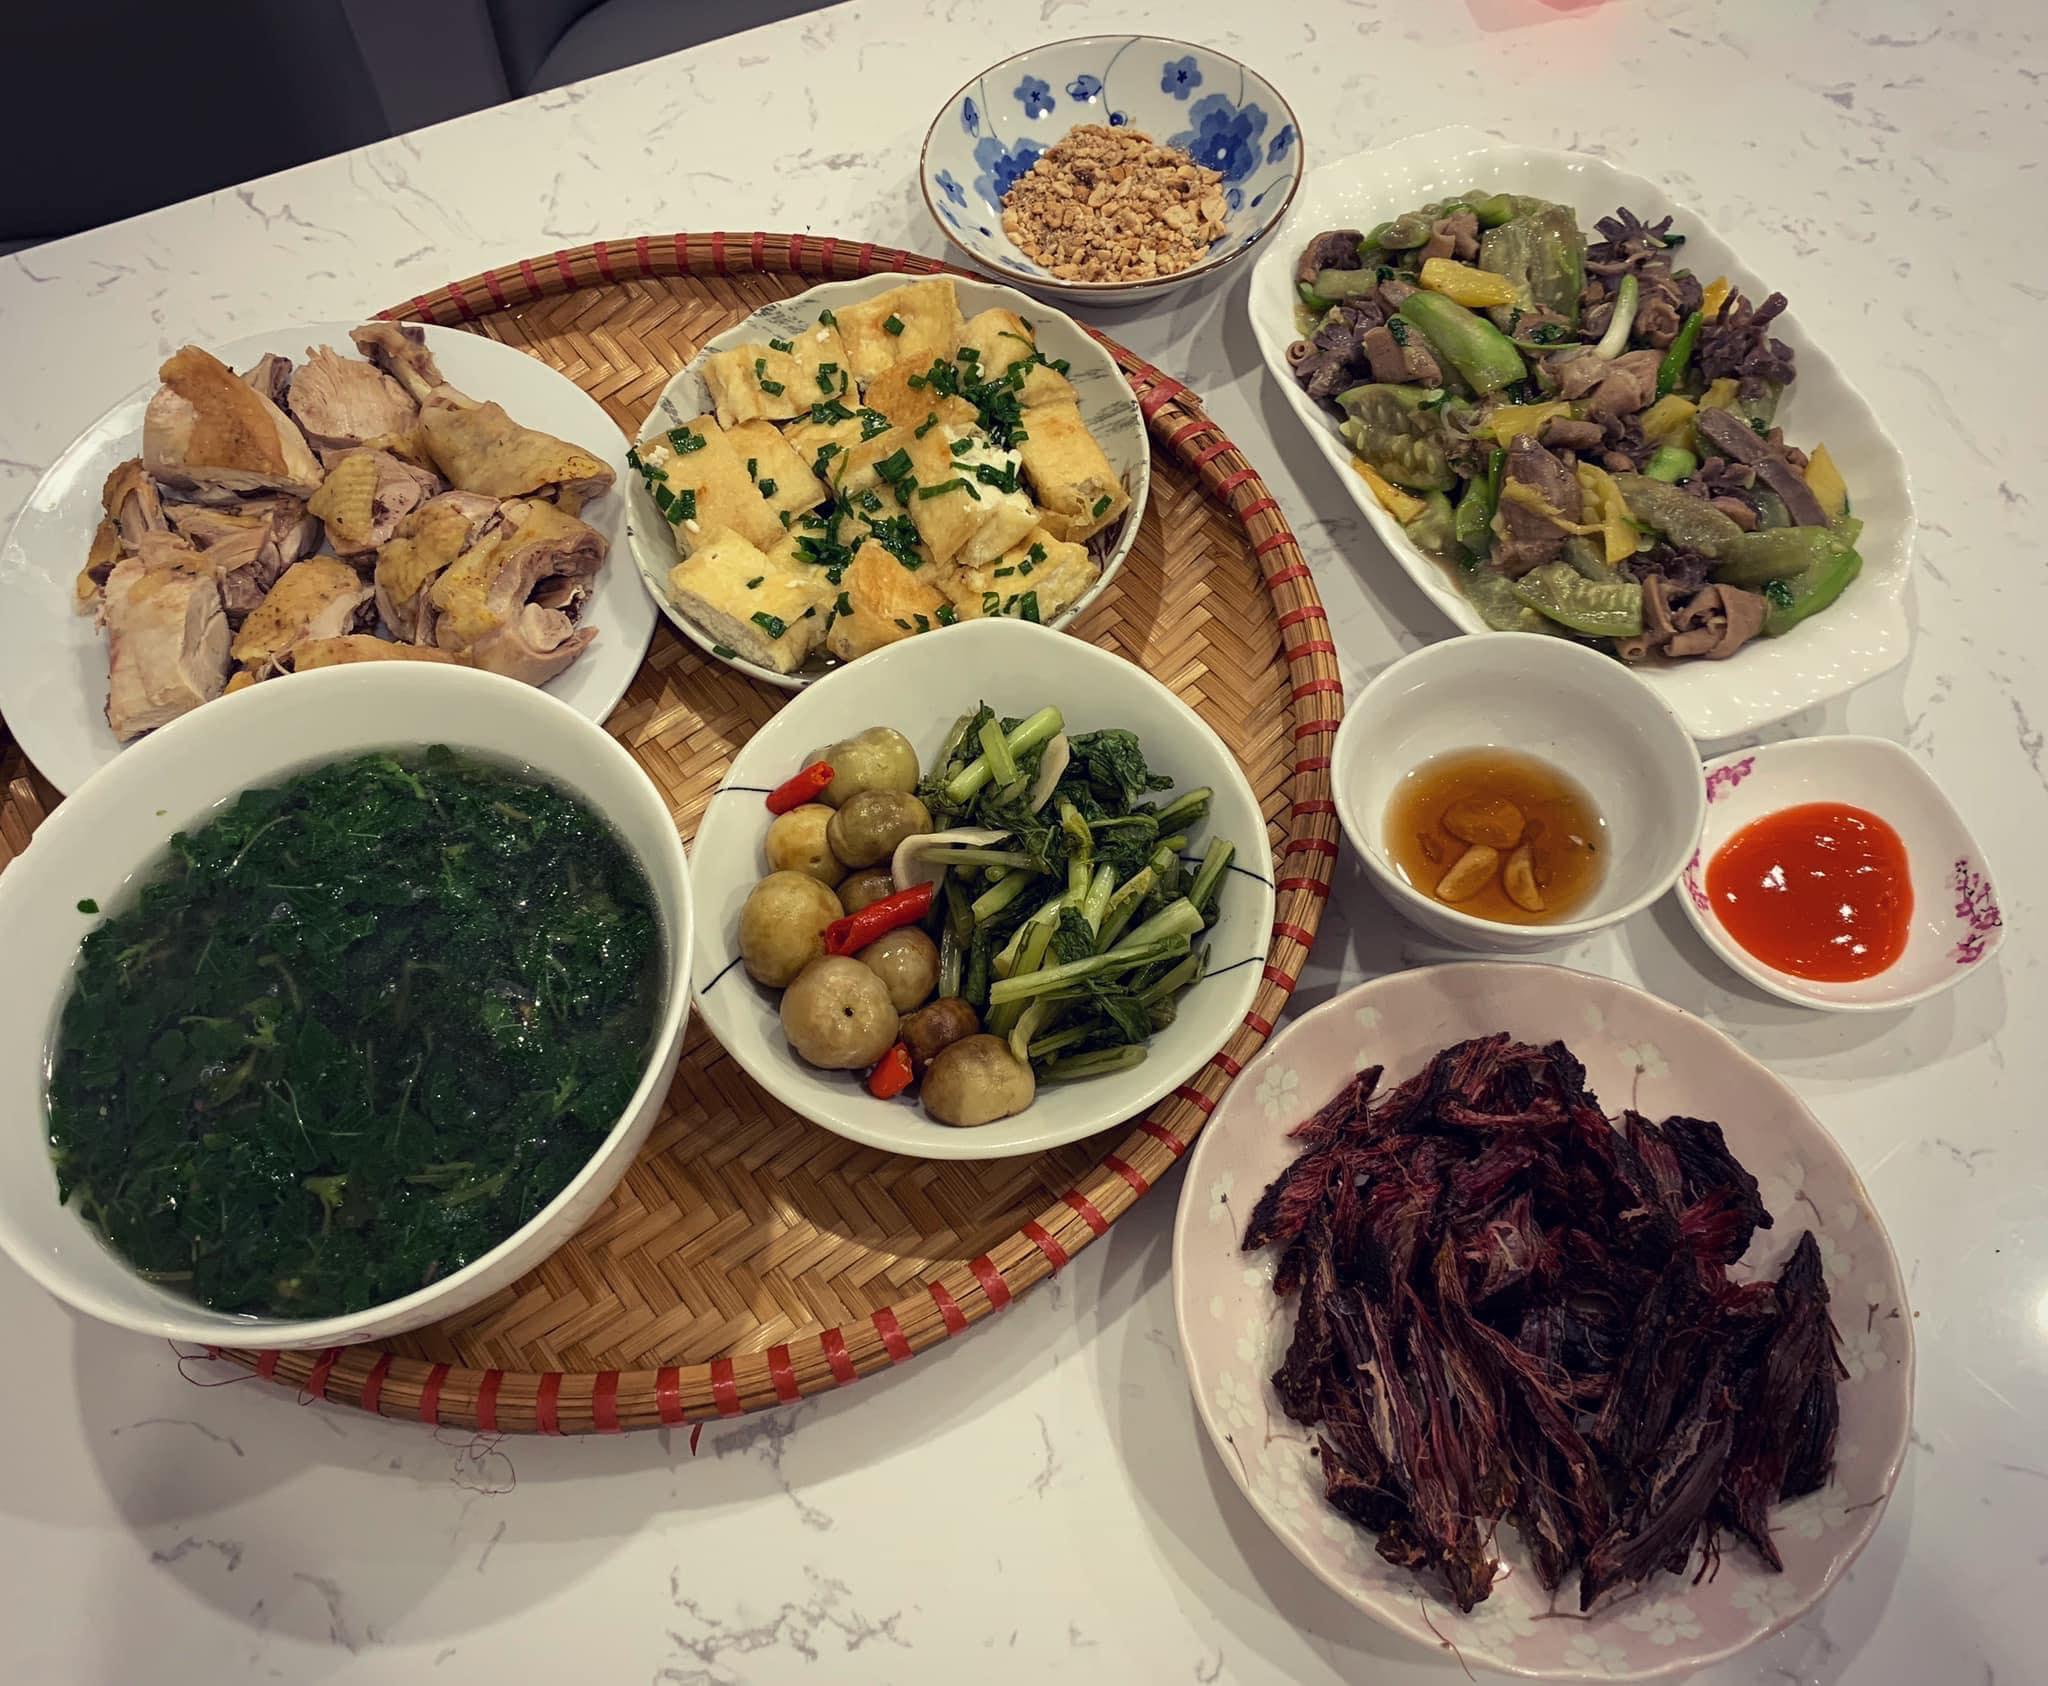 Chi phí chỉ từ 100k nhưng mỗi bữa cơm của bà nội trợ Hà Nội đều tươm tất đủ món thơm ngon, bổ dưỡng cho mọi thành viên gia đình - Ảnh 18.